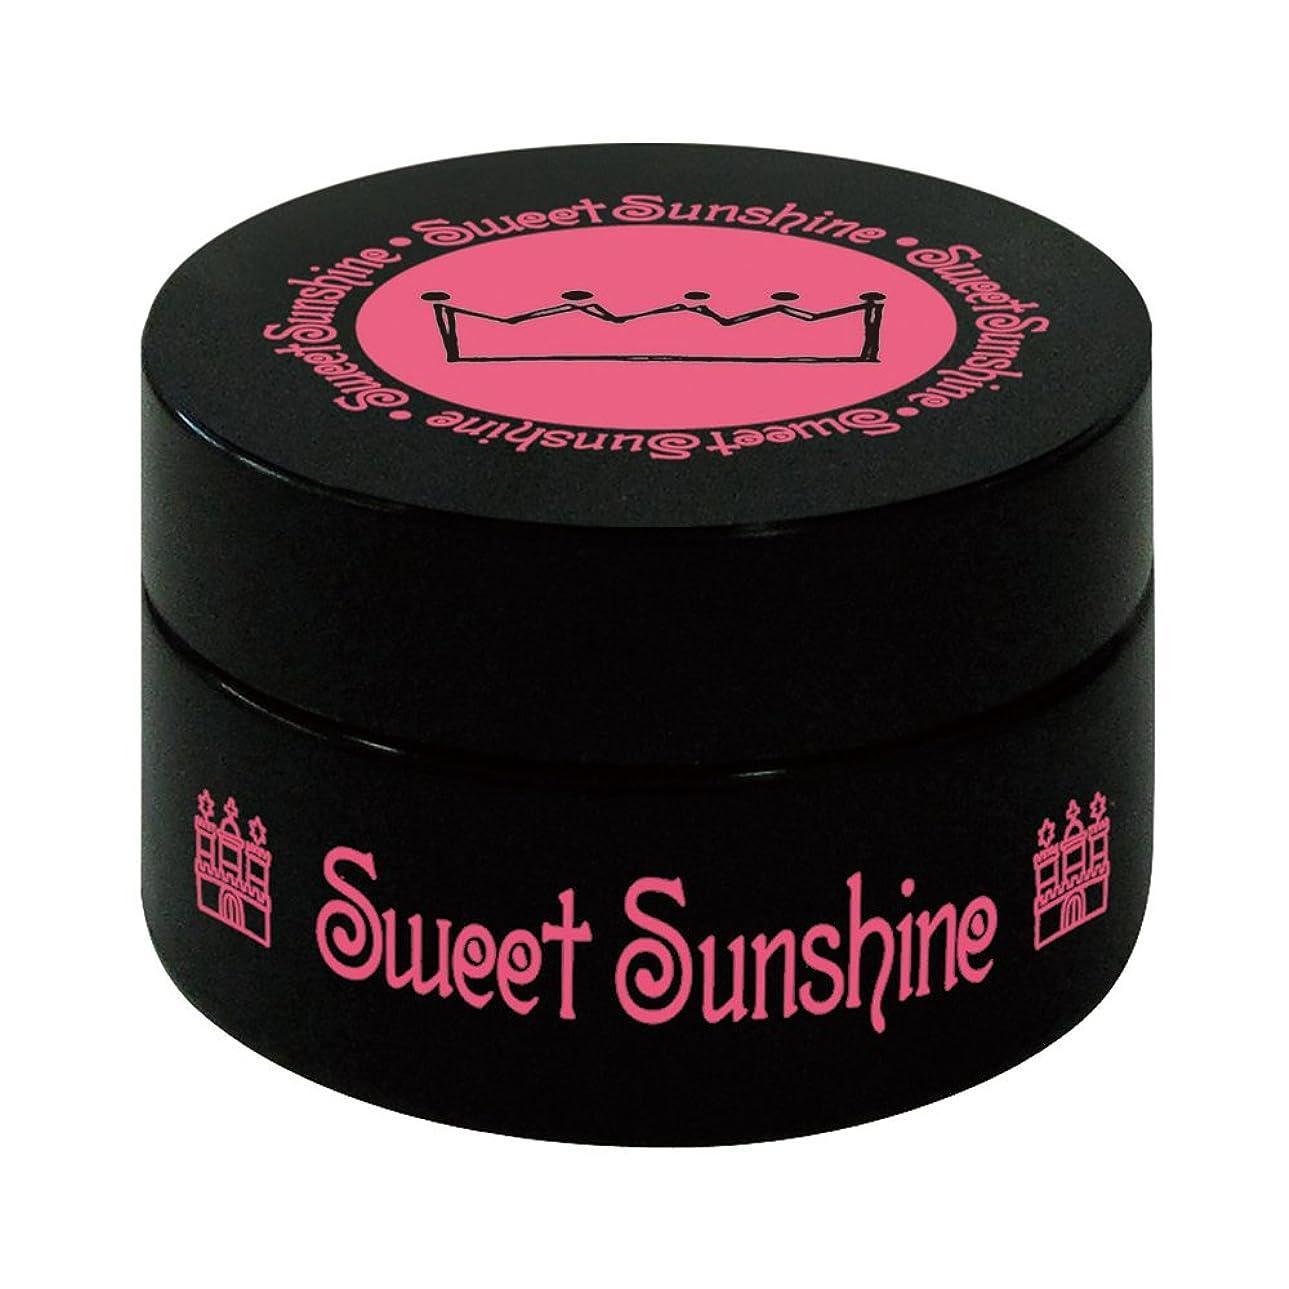 無声で麻痺させる苦悩最速硬化LED対応 Sweet Sunshine スィート サンシャイン カラージェル PSC-2 4g ピーチベージュ